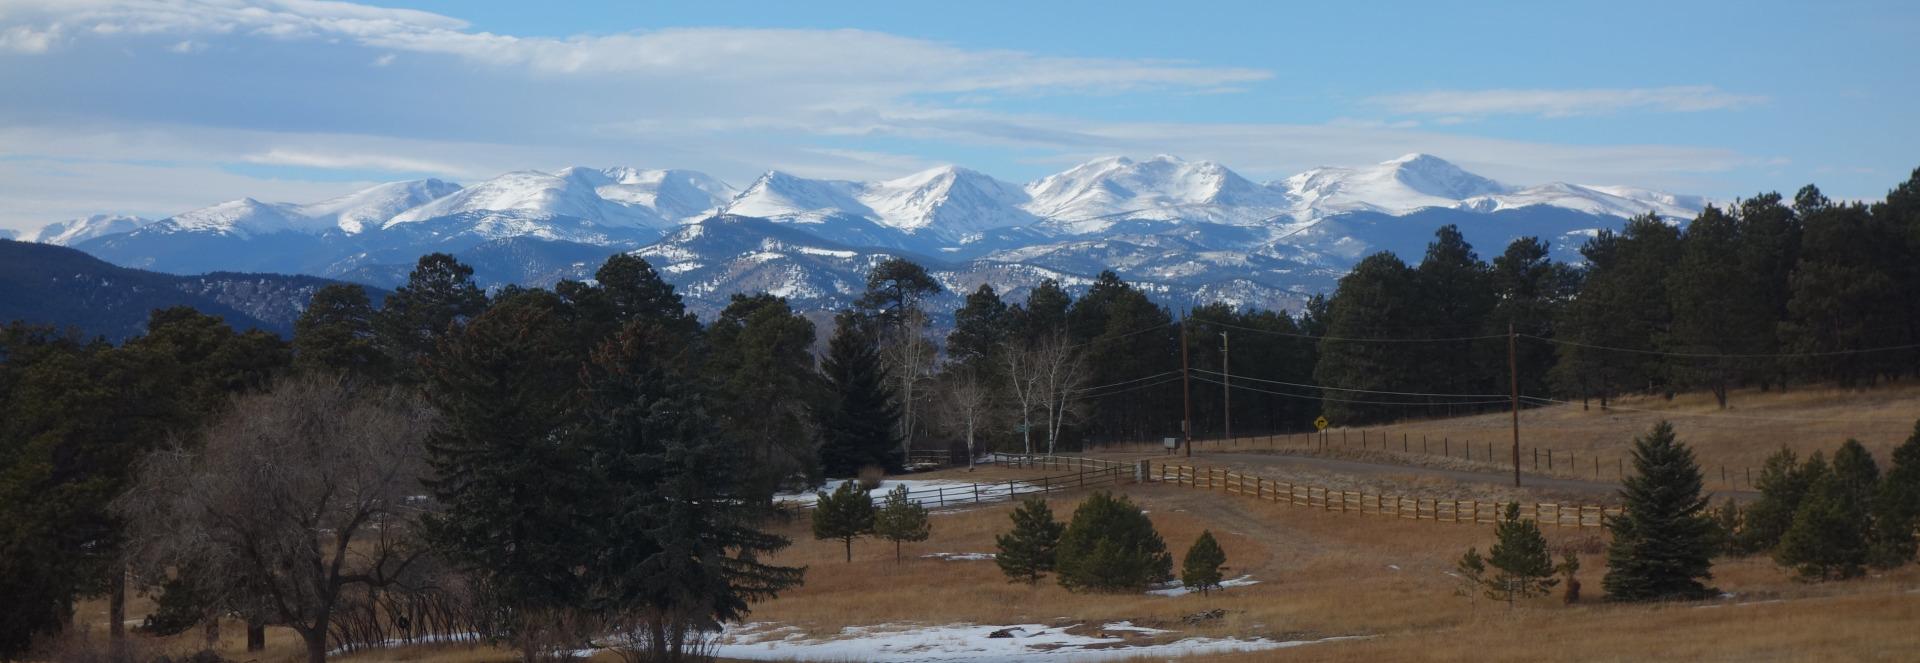 Denver/Boulder